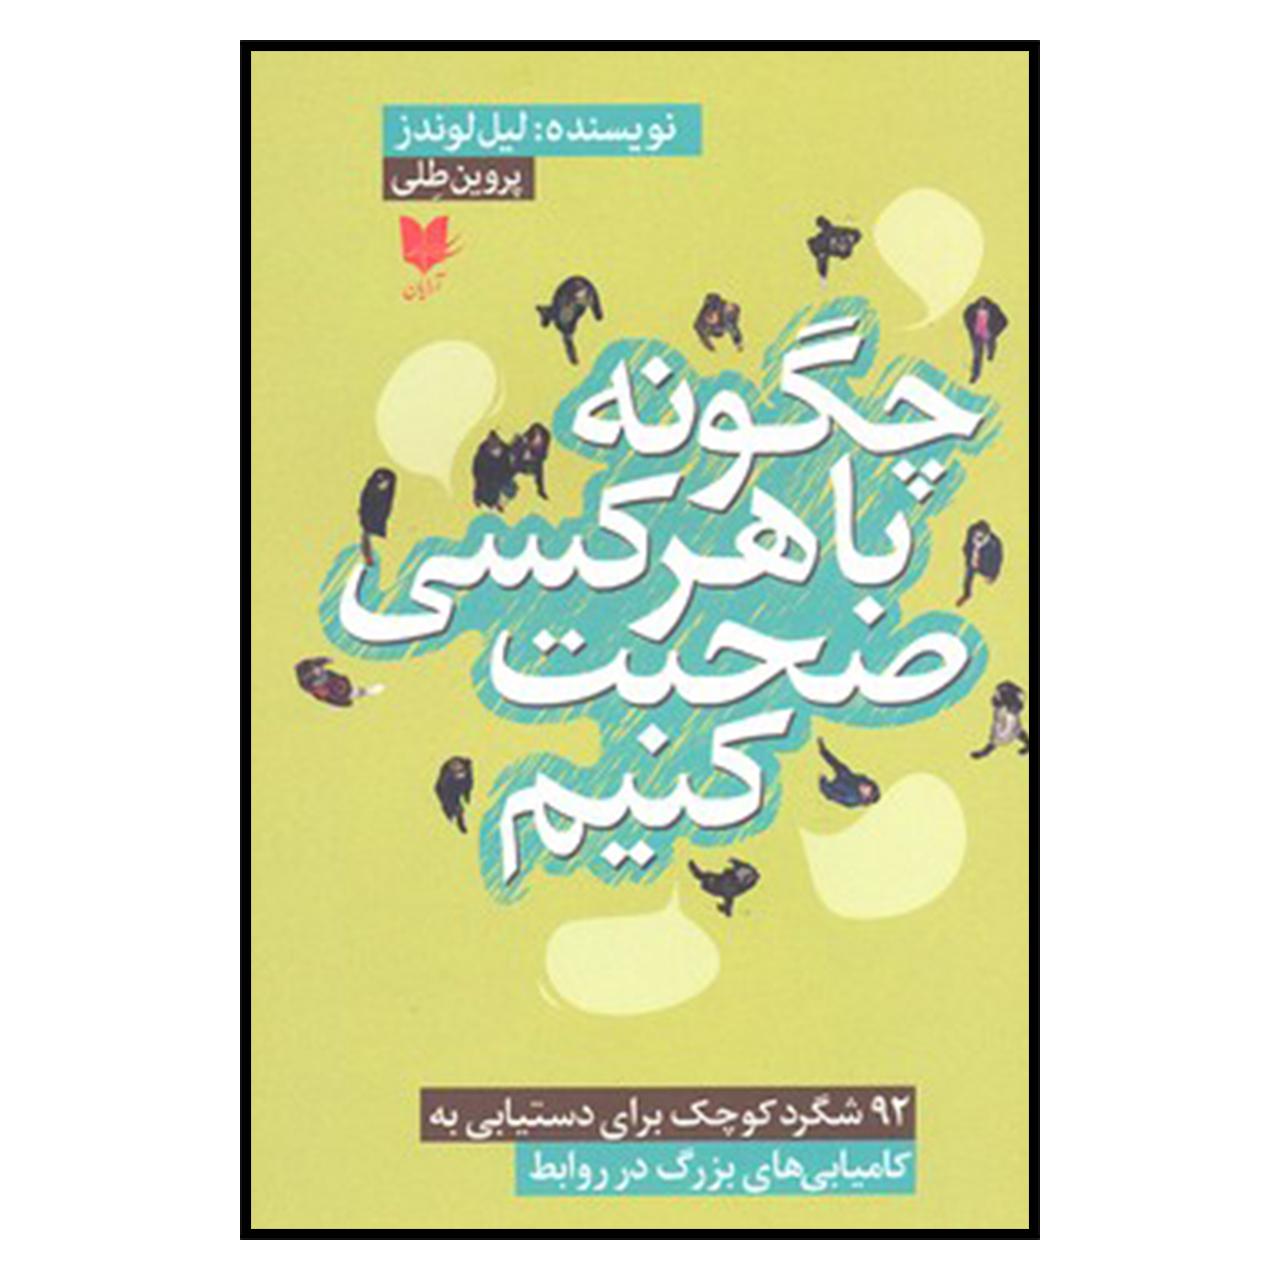 کتاب چگونه با هر کسی صحبت کنیم اثر لیل لوندز نشر آرایان